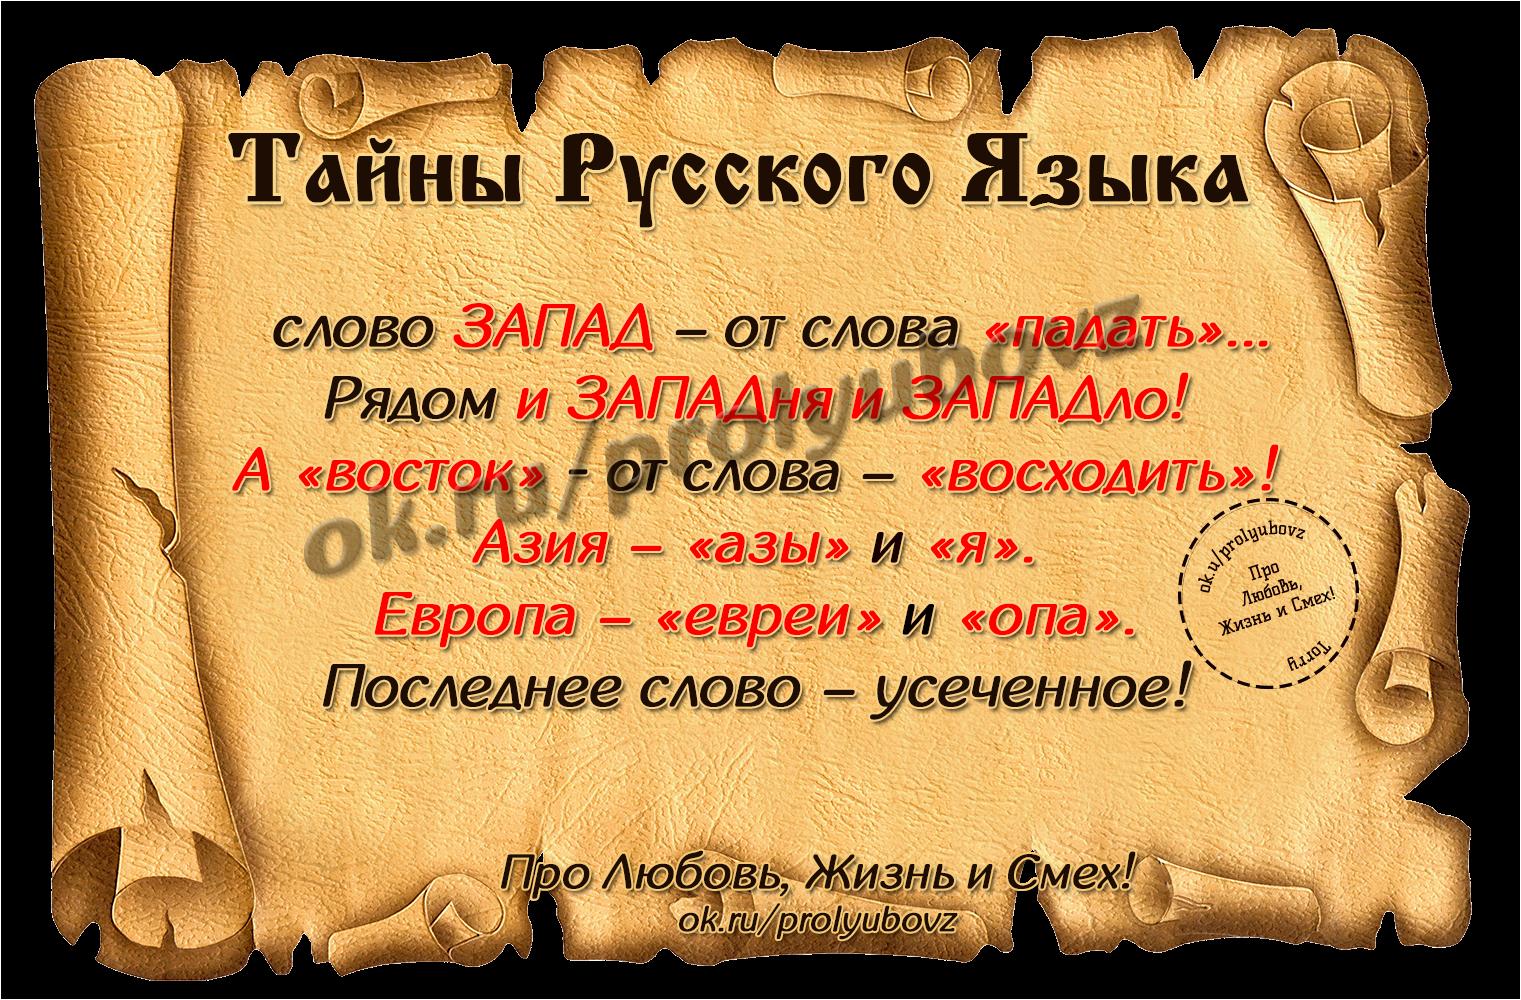 Открытка происхождение слова